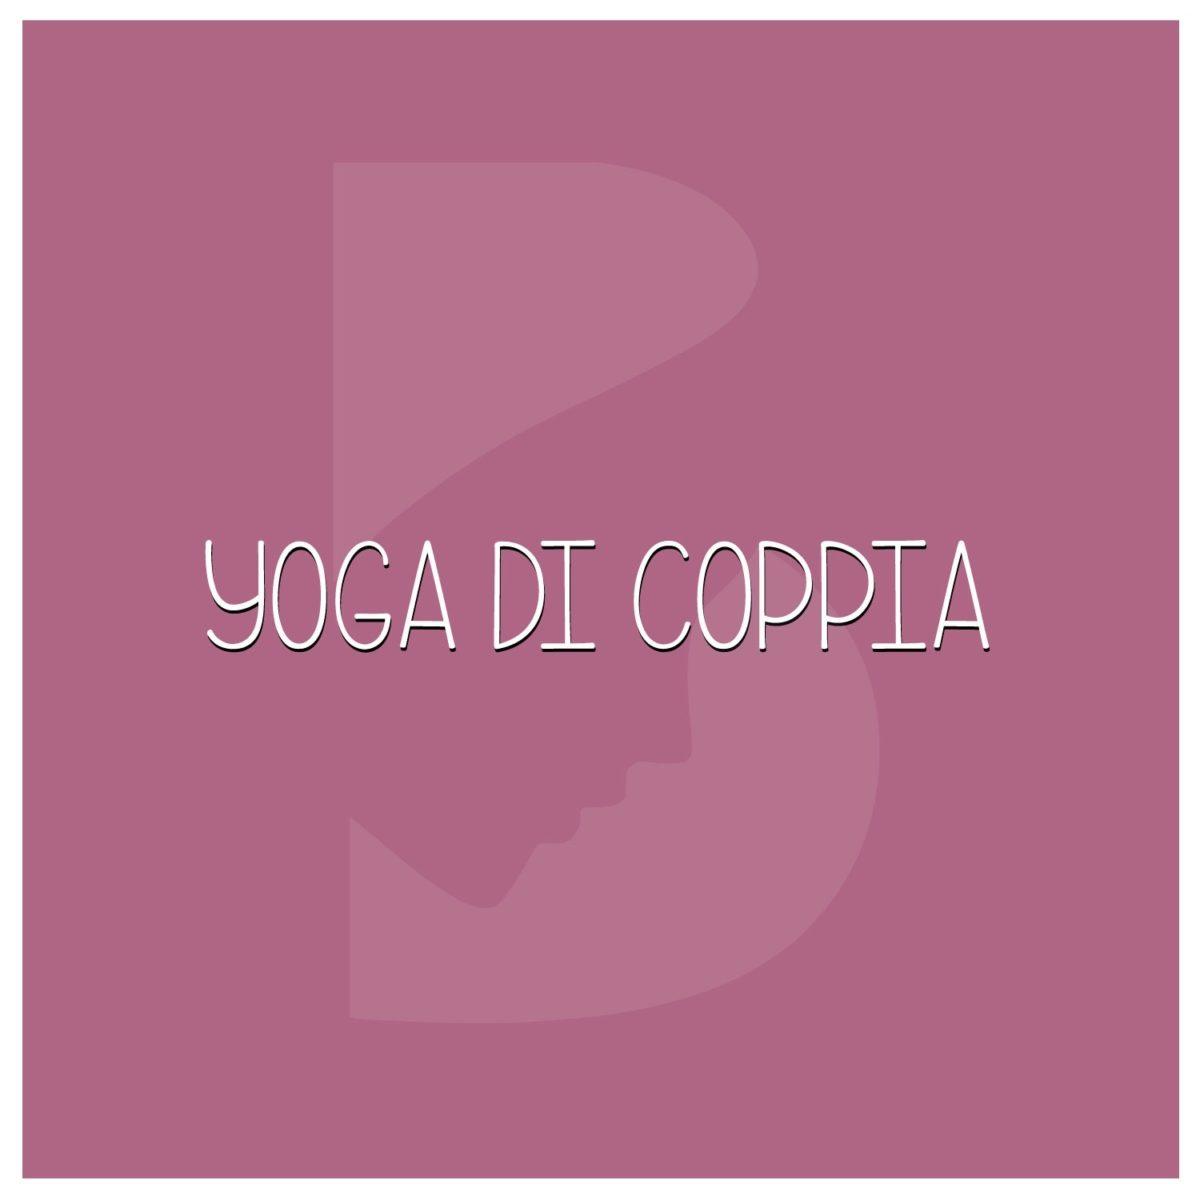 Yoga-di-coppia-B-Woman-1200x1200.jpg